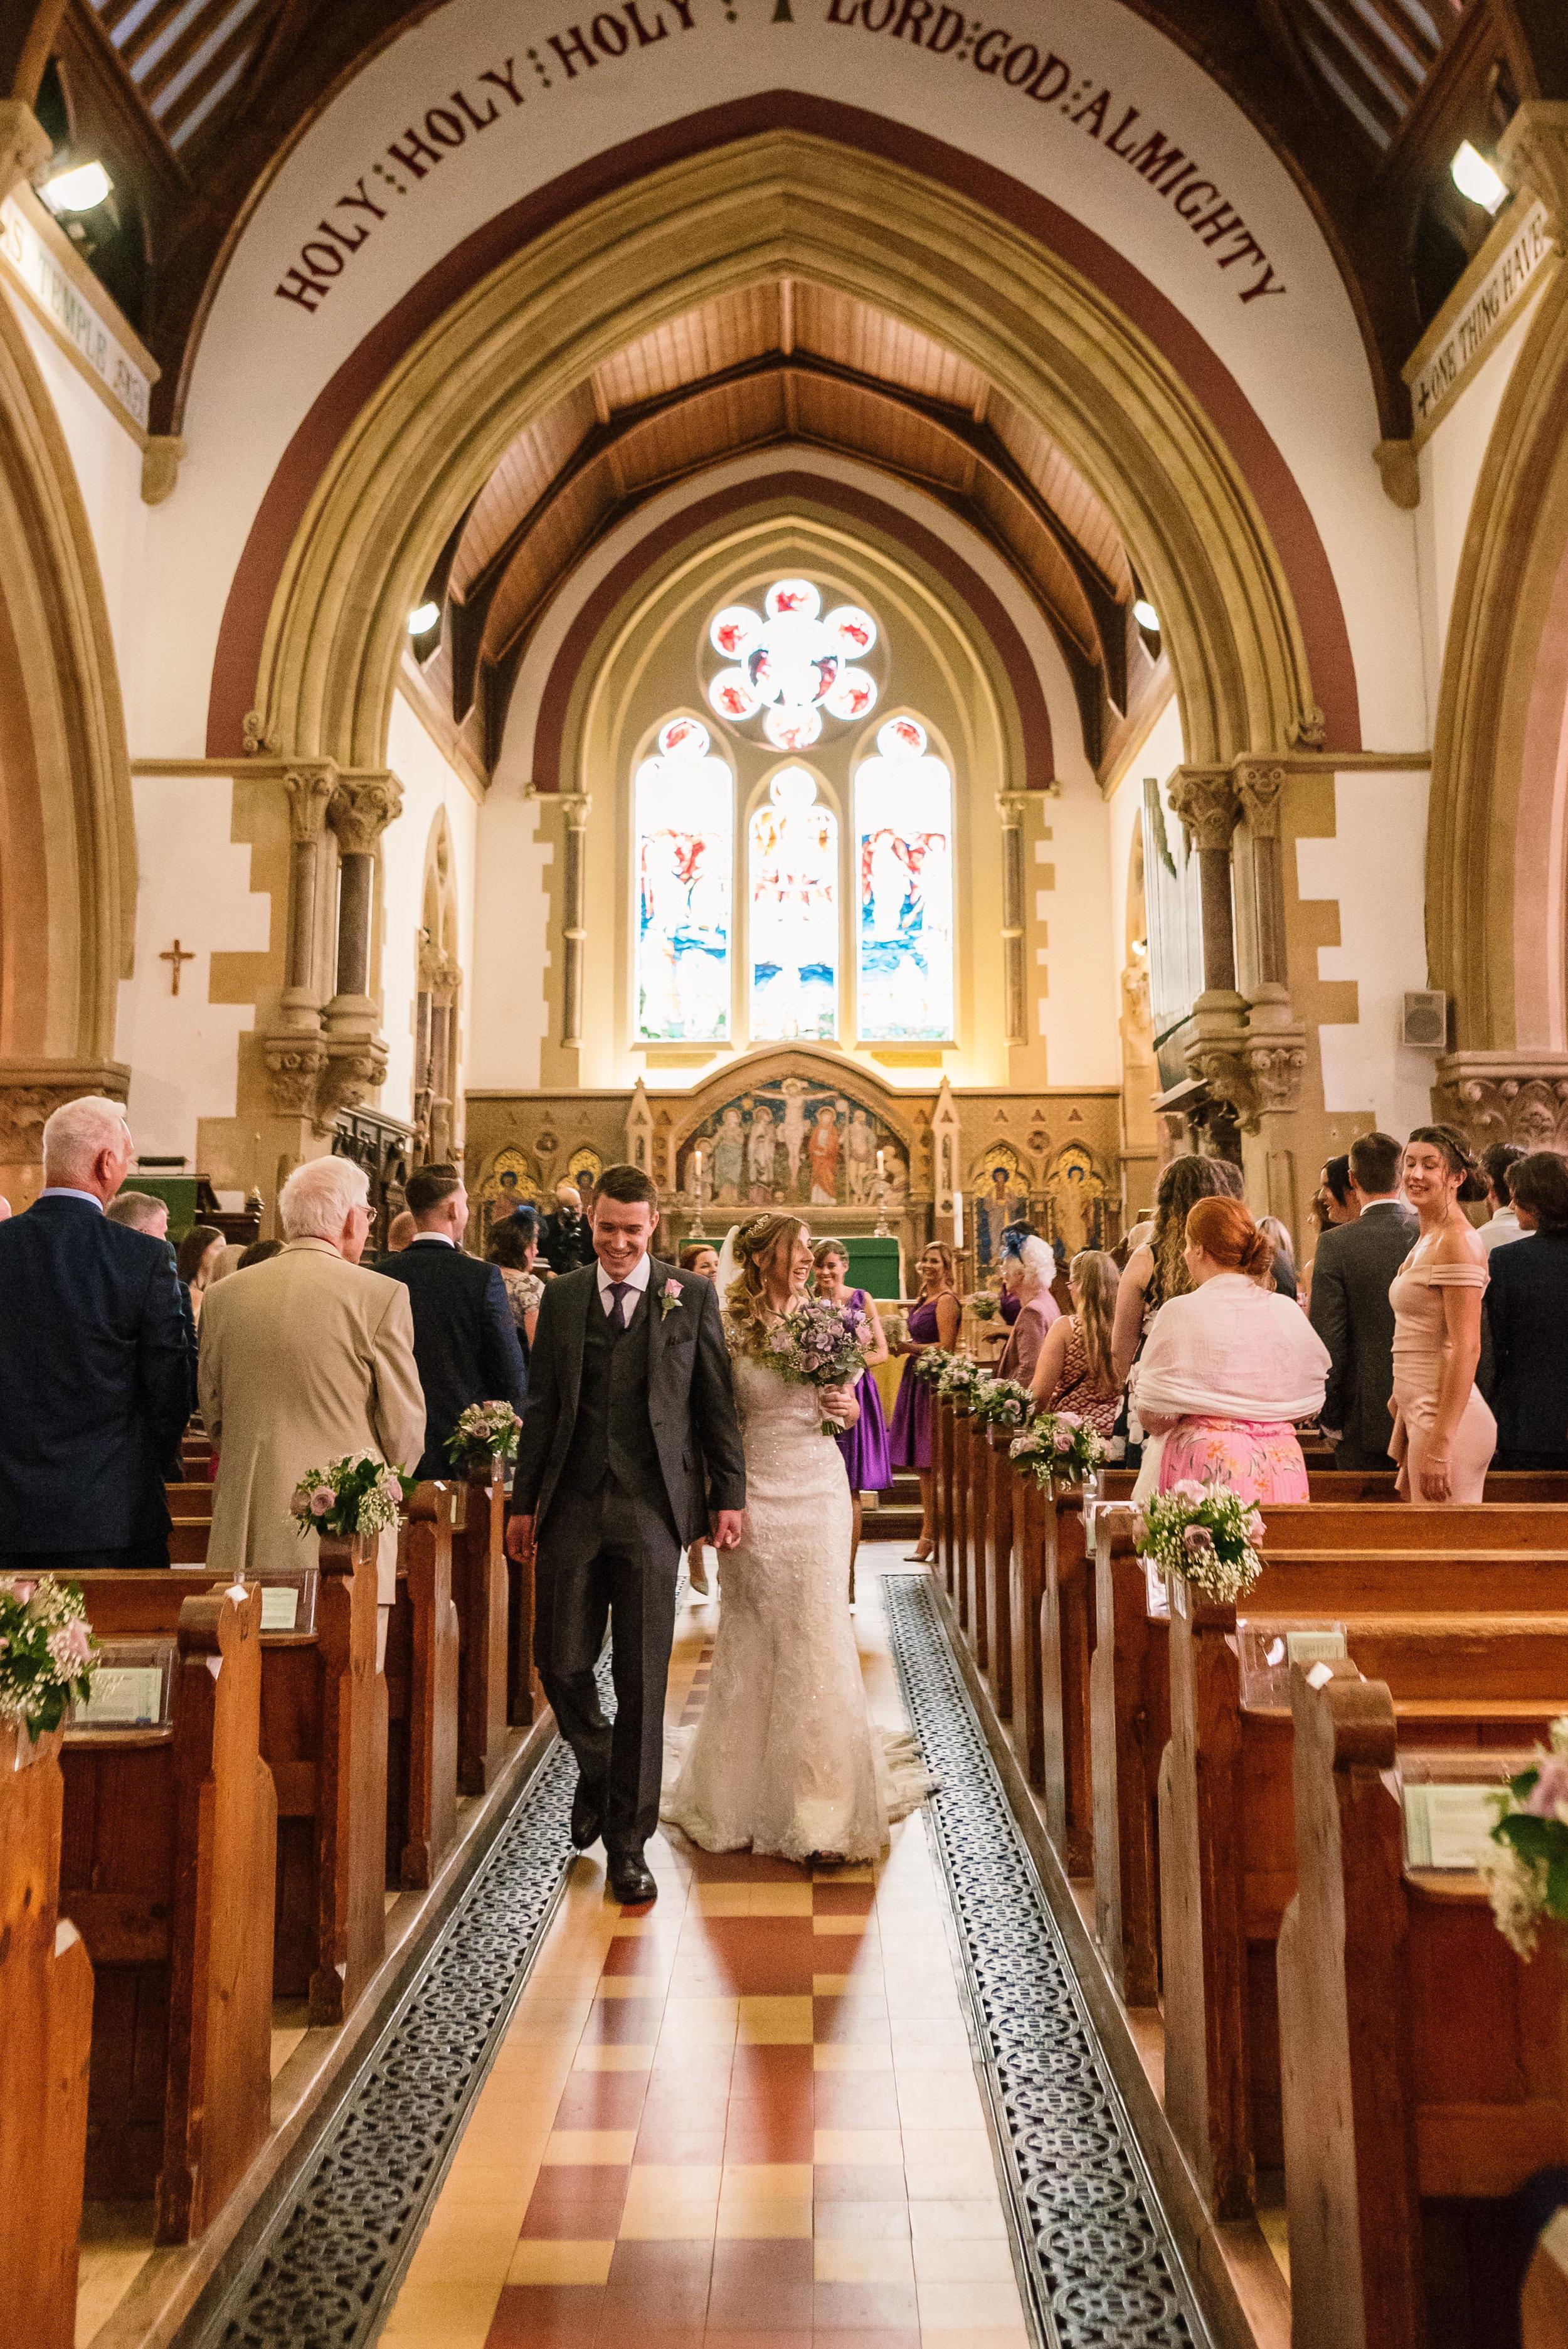 Hampshire Wedding Photographer Hampshire : Ufton-Court-Wedding : Barn-wedding-venue-hampshire : sarah-fishlock-photography : hampshire-barn-wedding-475.jpg